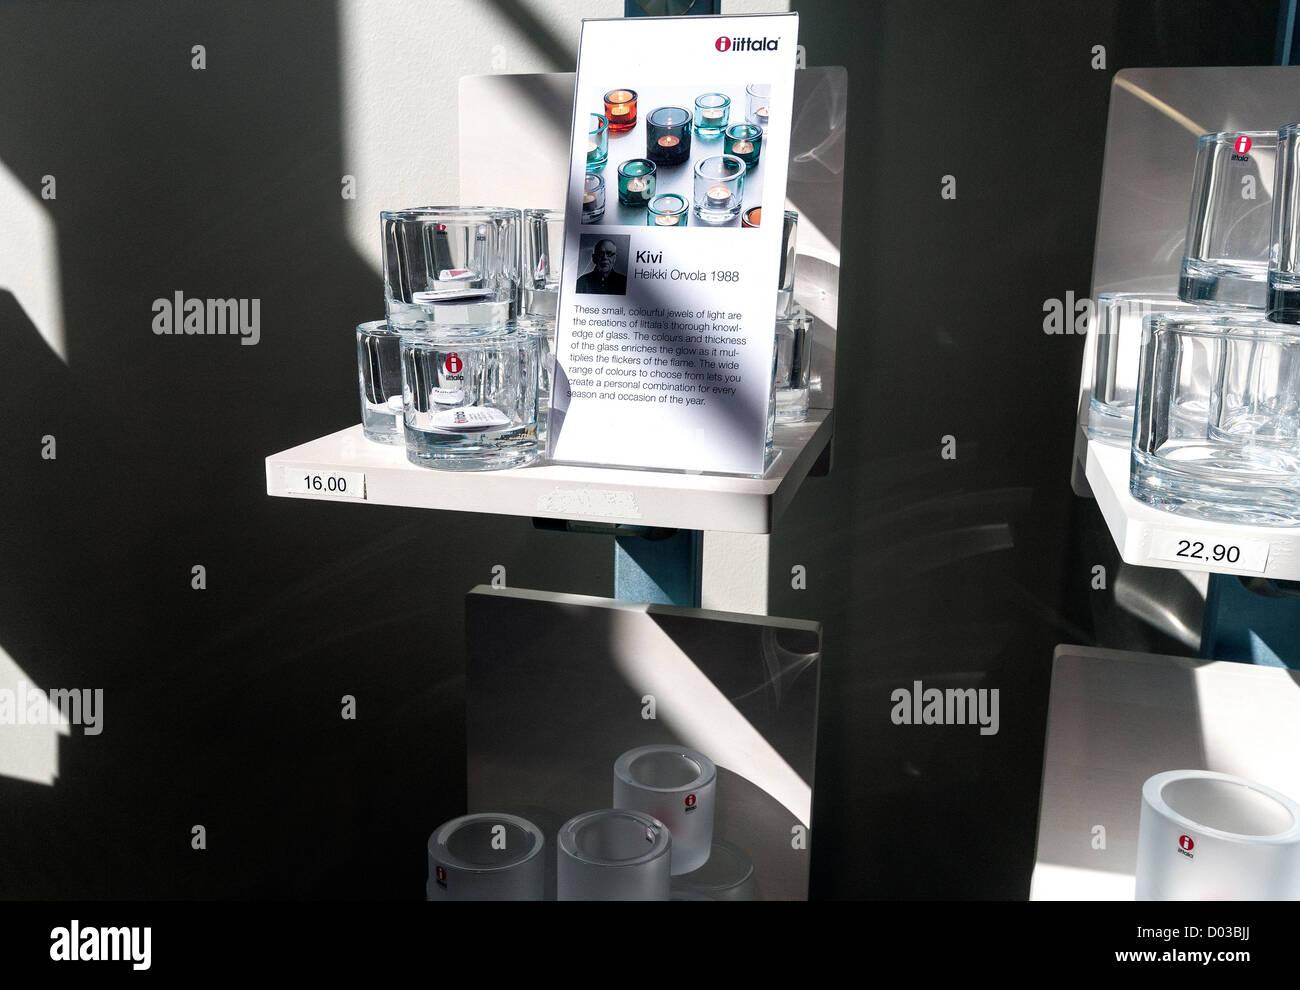 En cristalería Iittala - Kivi diseñado por Heikki Orvola 1988 Imagen De Stock